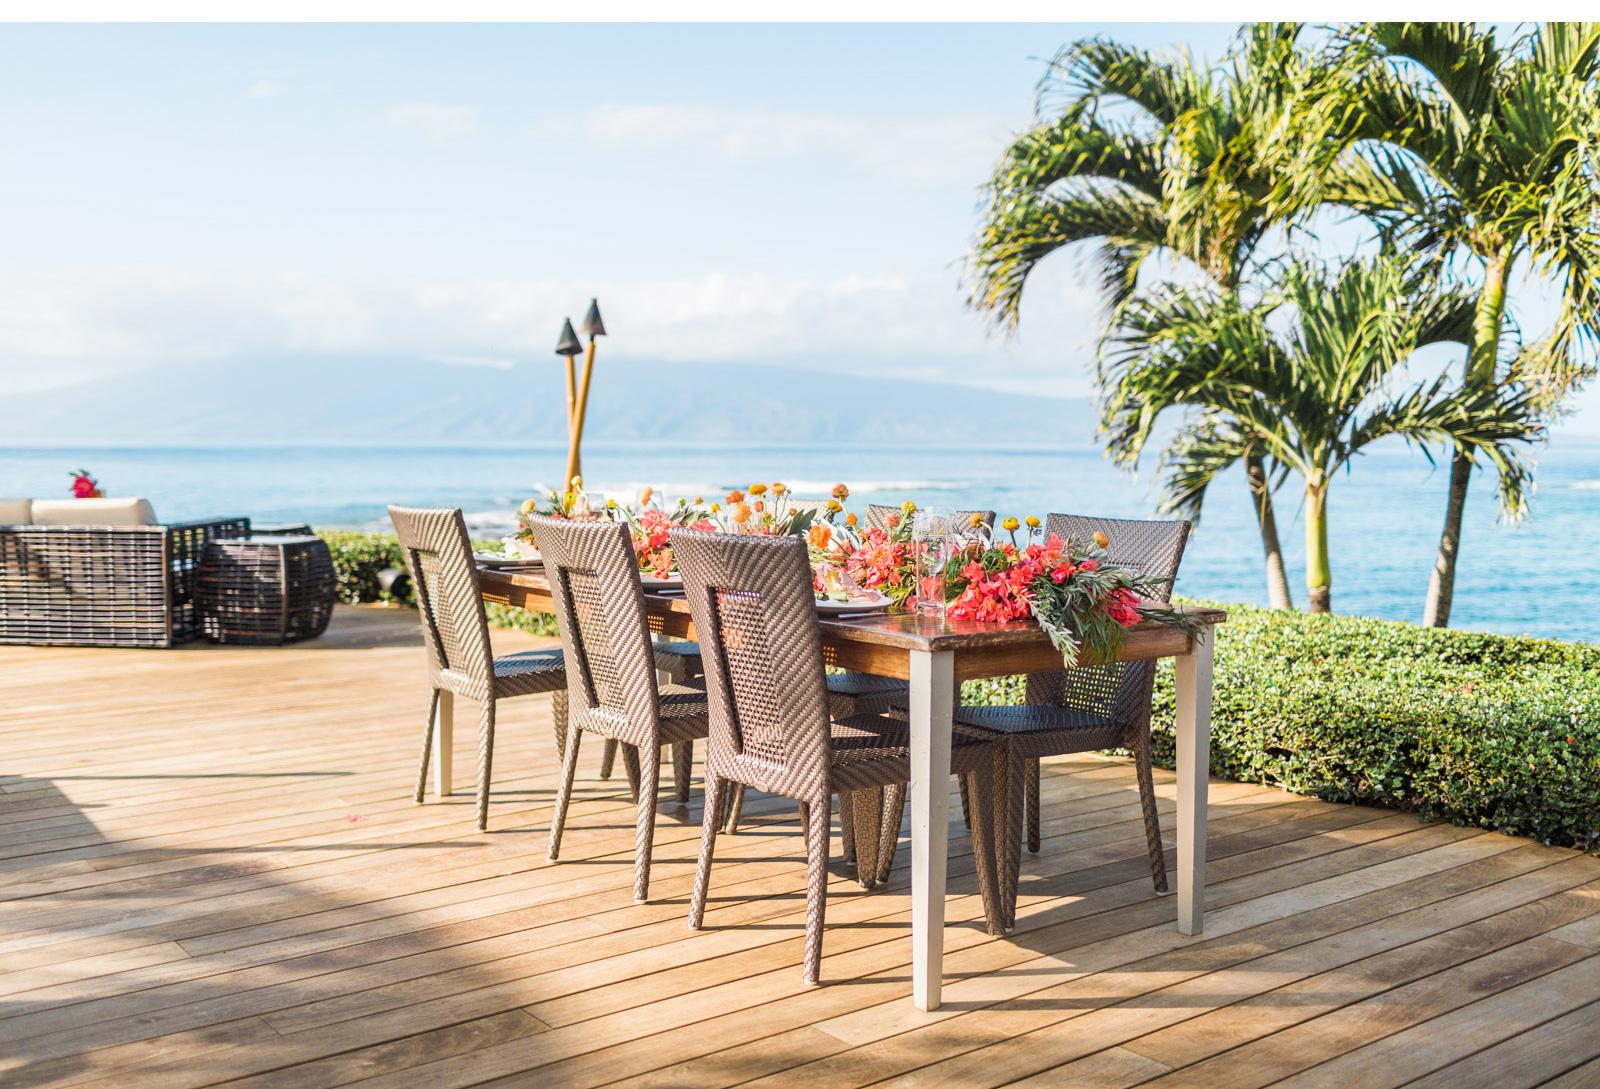 Natalie-Schutt-Photography---Maui-Destination-Wedding-Photographer_05.jpg